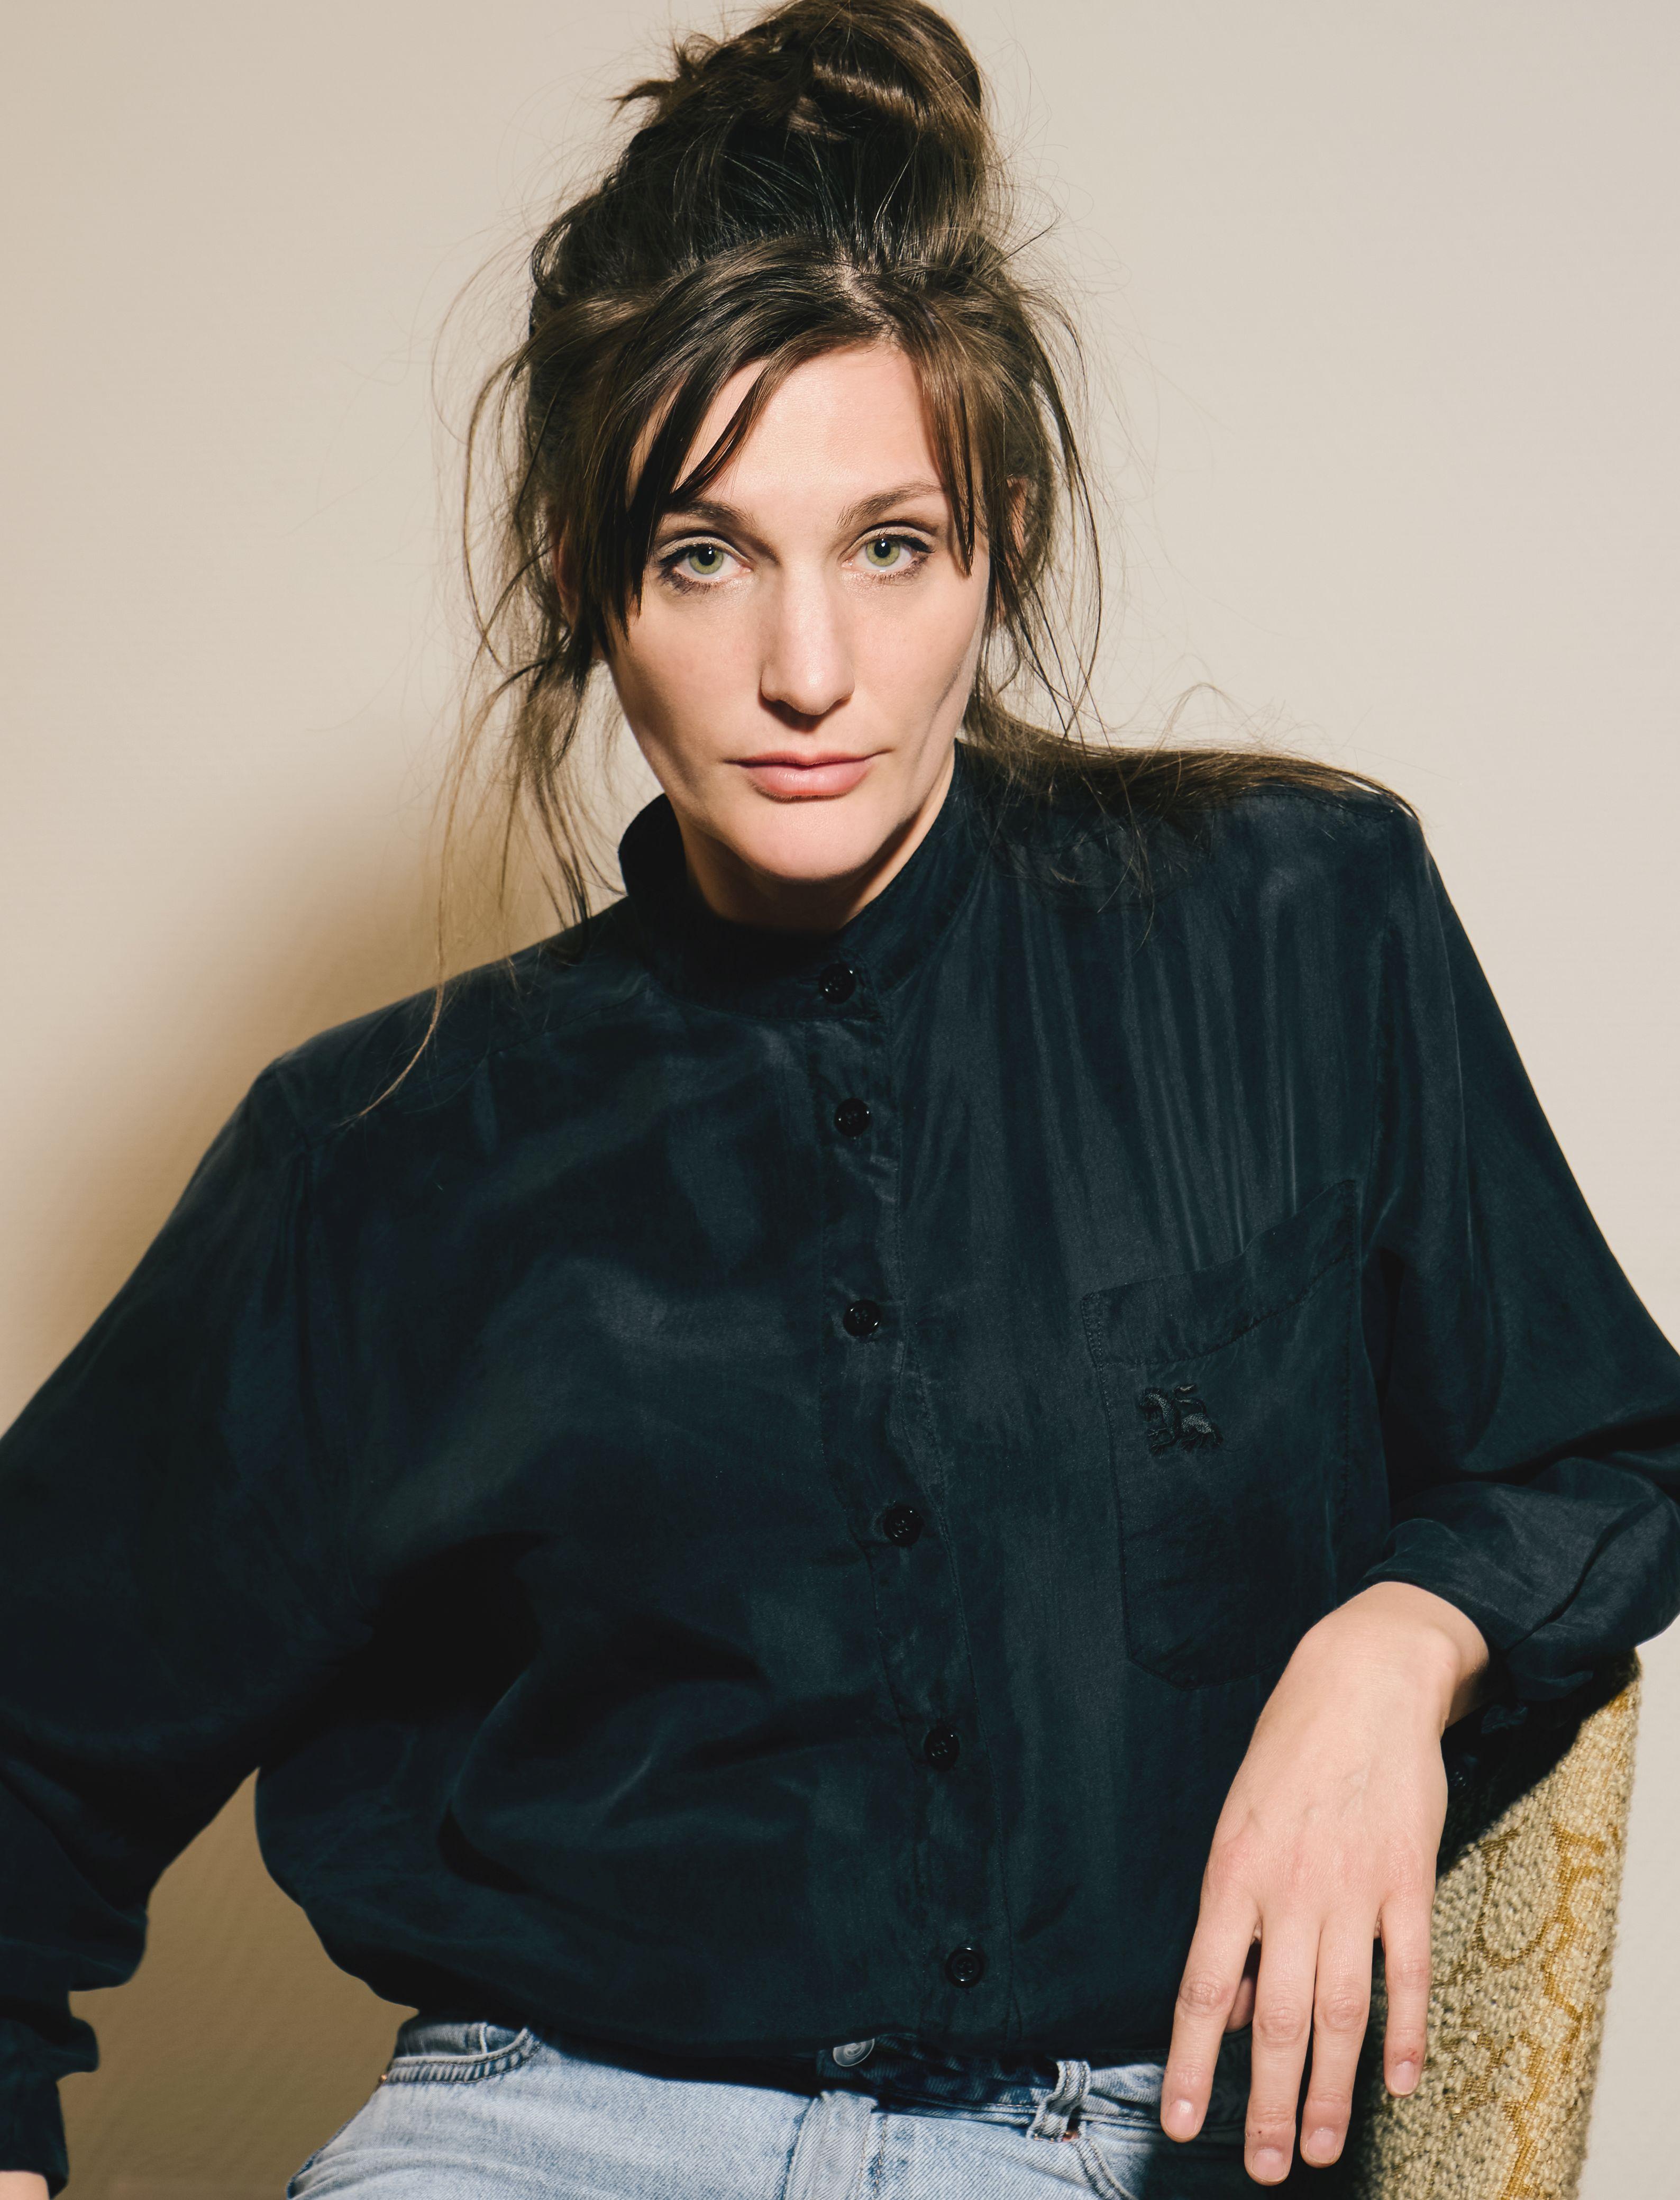 Maren Kessler